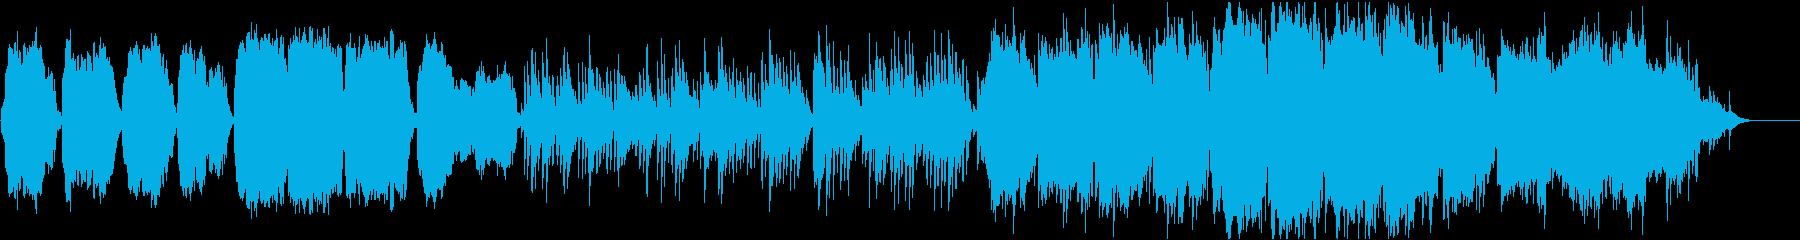 ケルトのホイッスルとハープの柔らかな曲8の再生済みの波形